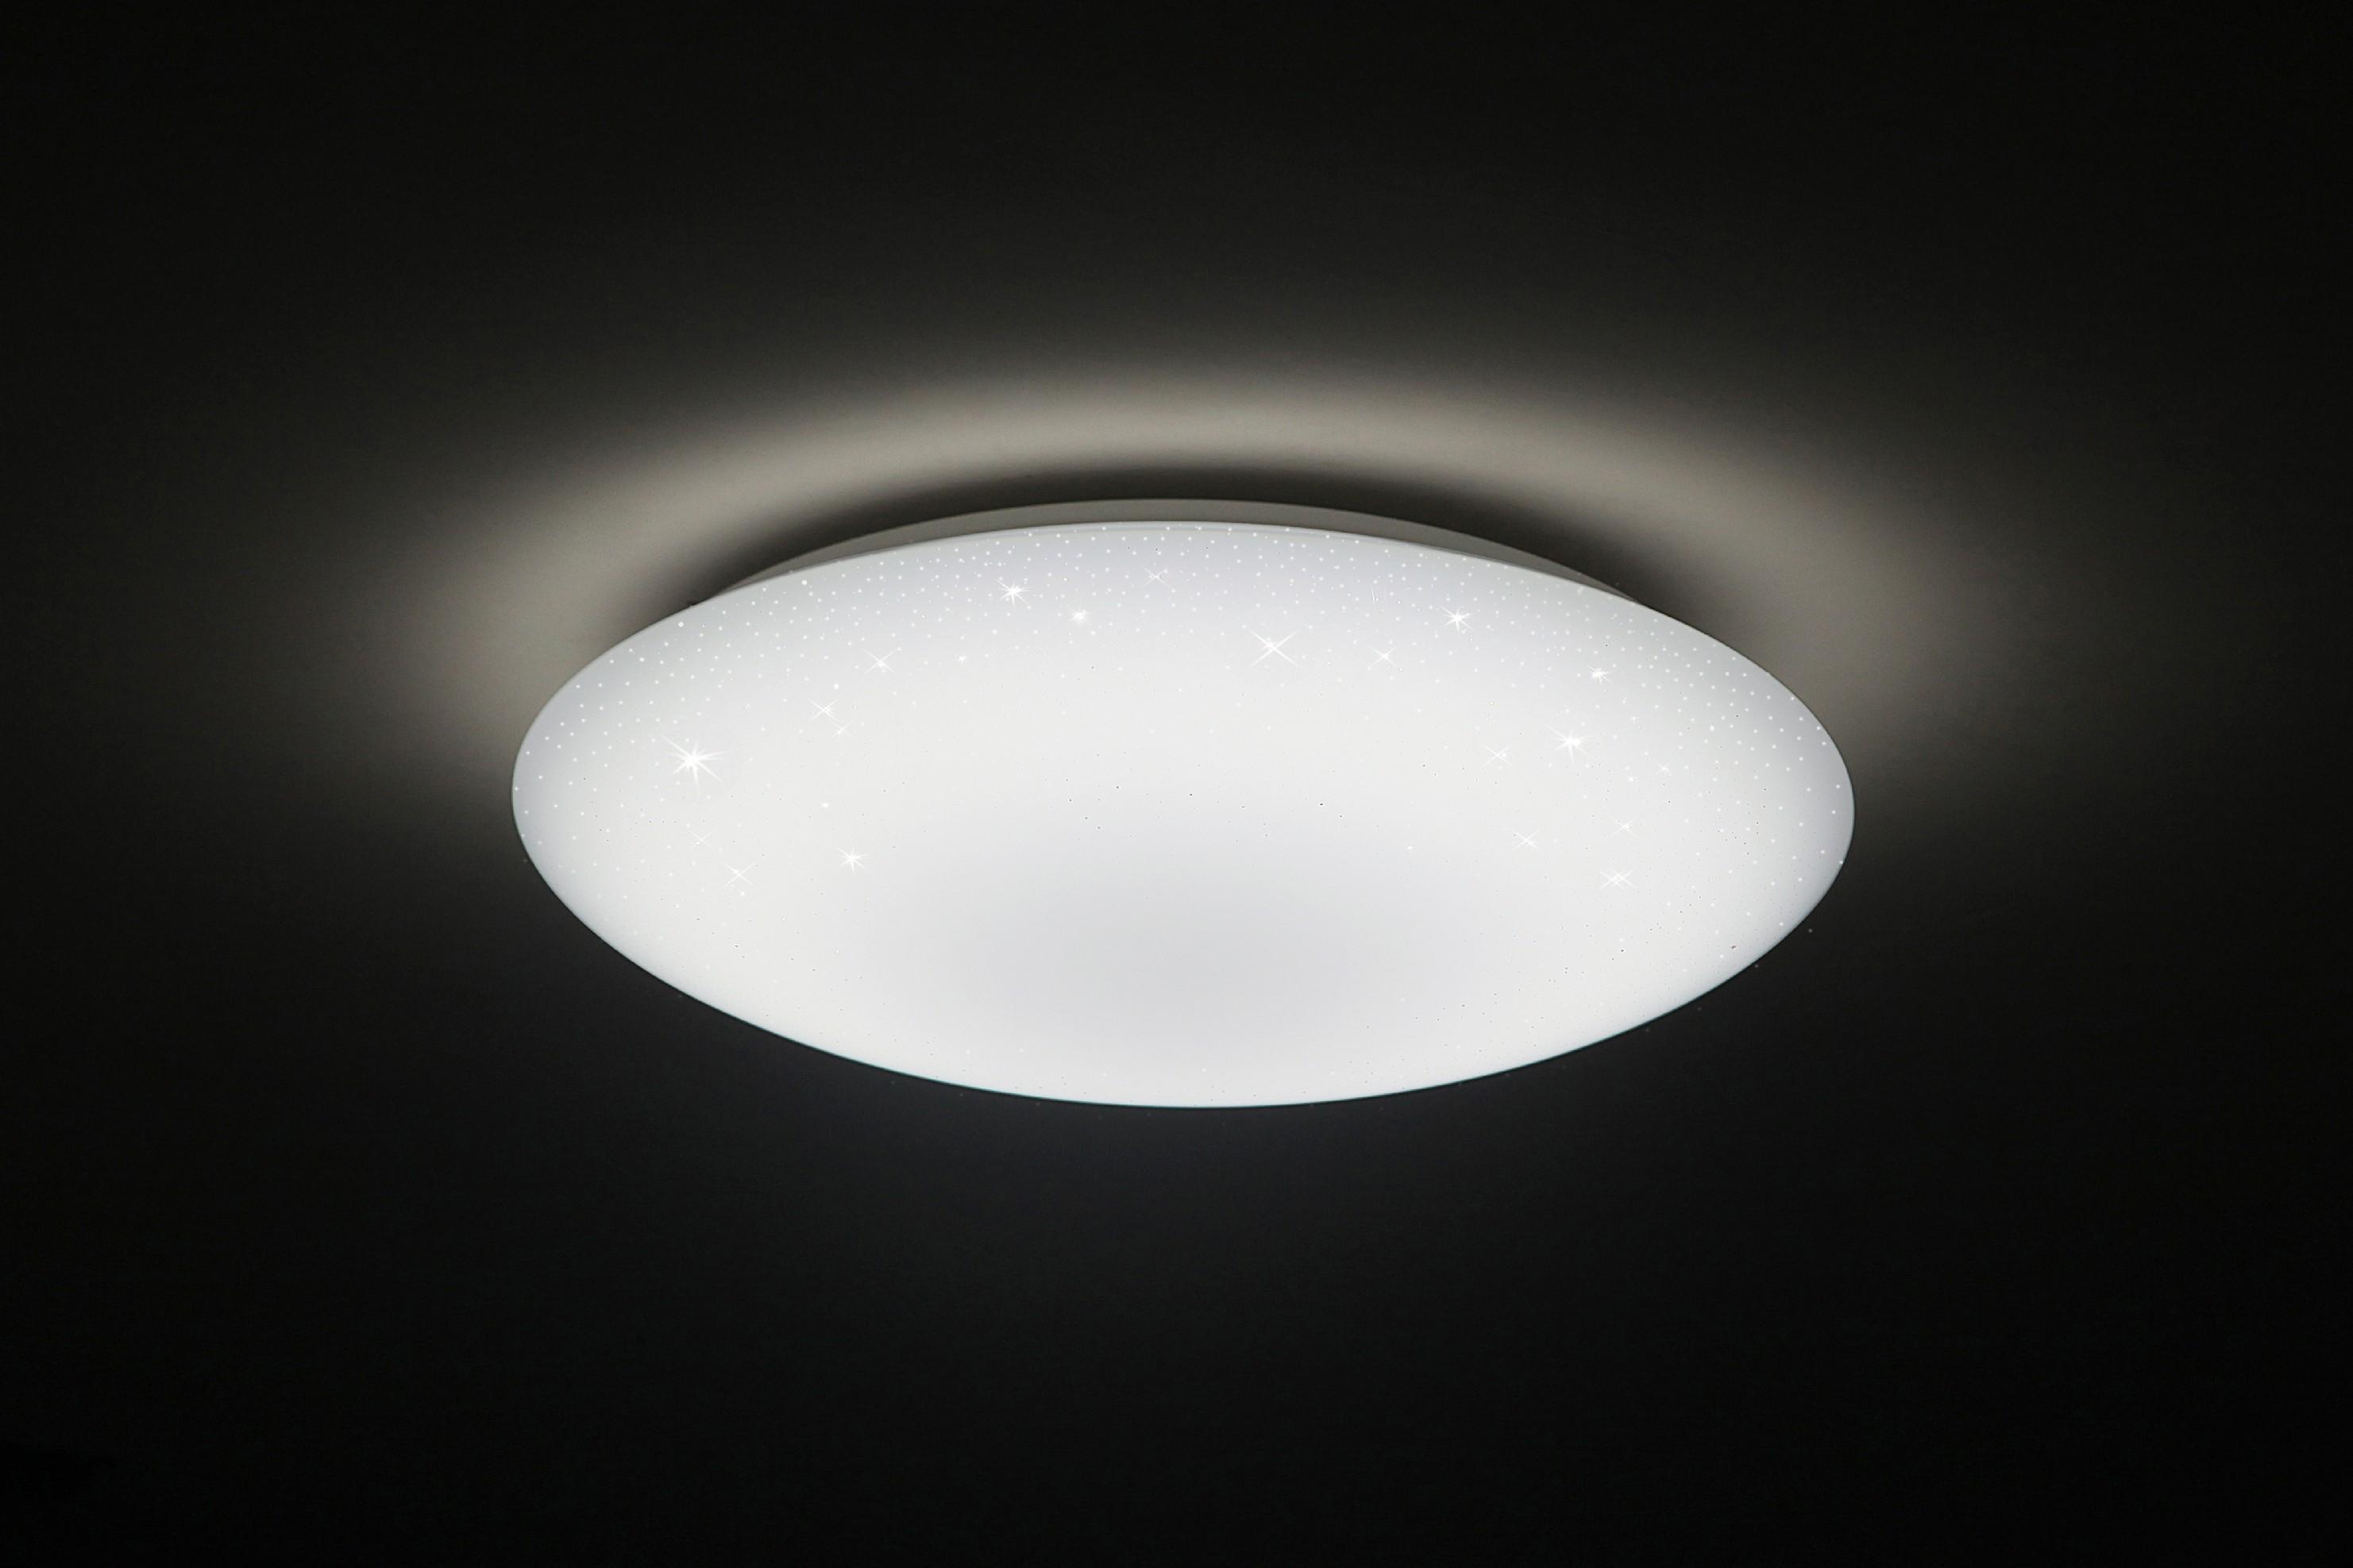 Inteligentní ECO LED svítidlo - Dalen DL-C515TXW WiFi - Hvězdné nebe + LED lampička Argus Vela (různé barvy)